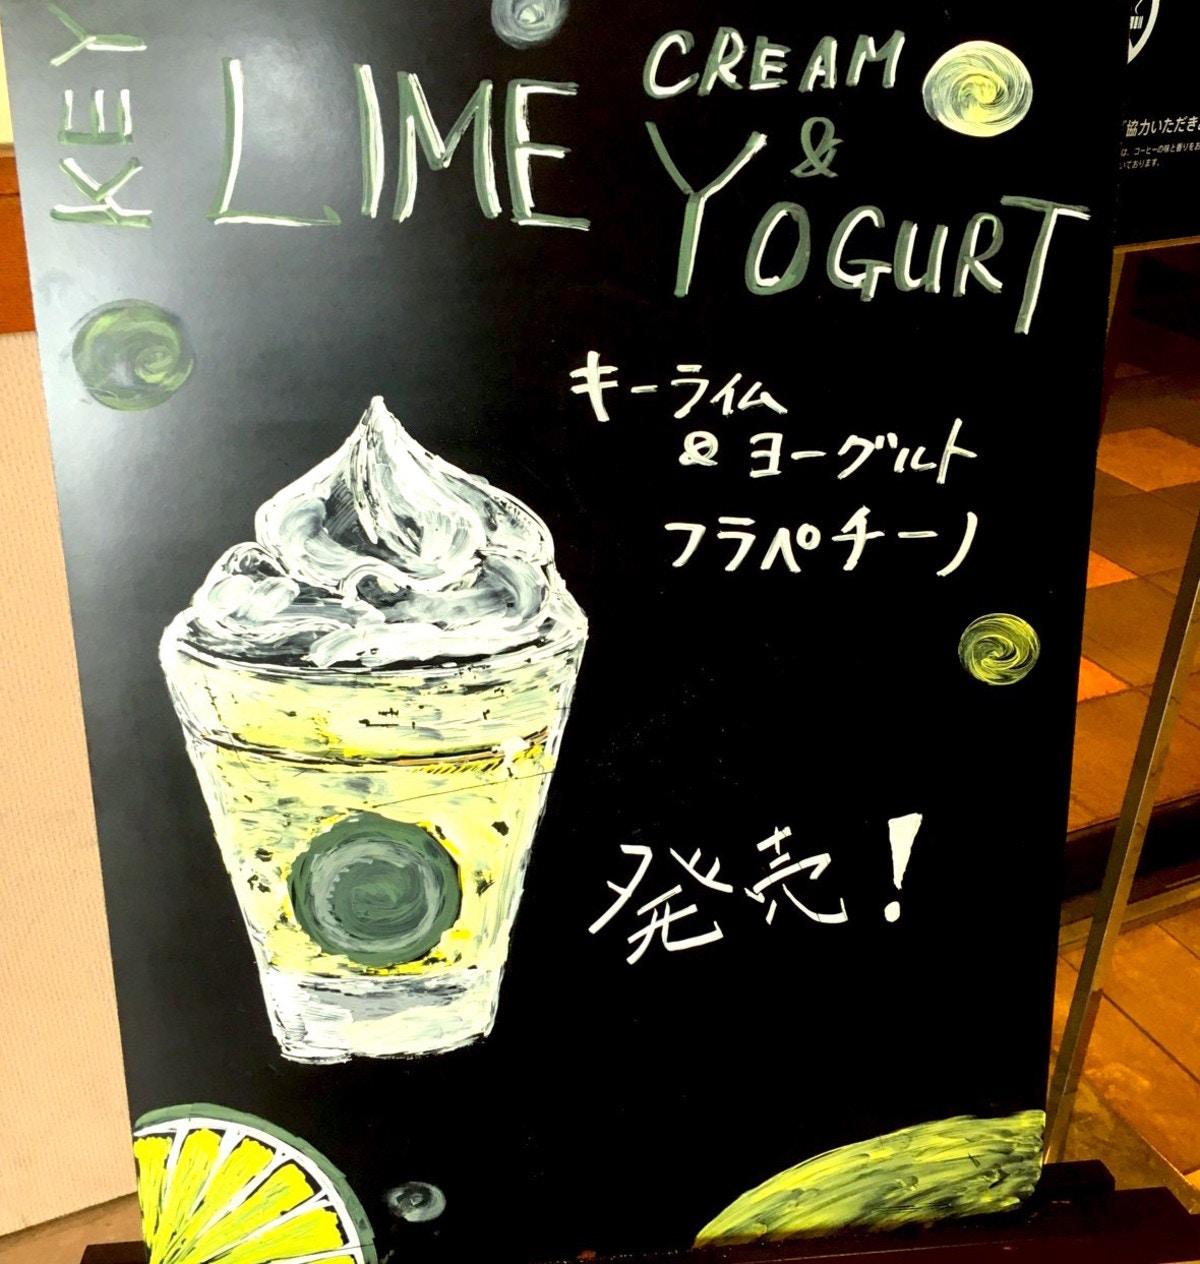 キーライムクリーム&ヨーグルトフラペチーノ手書き看板